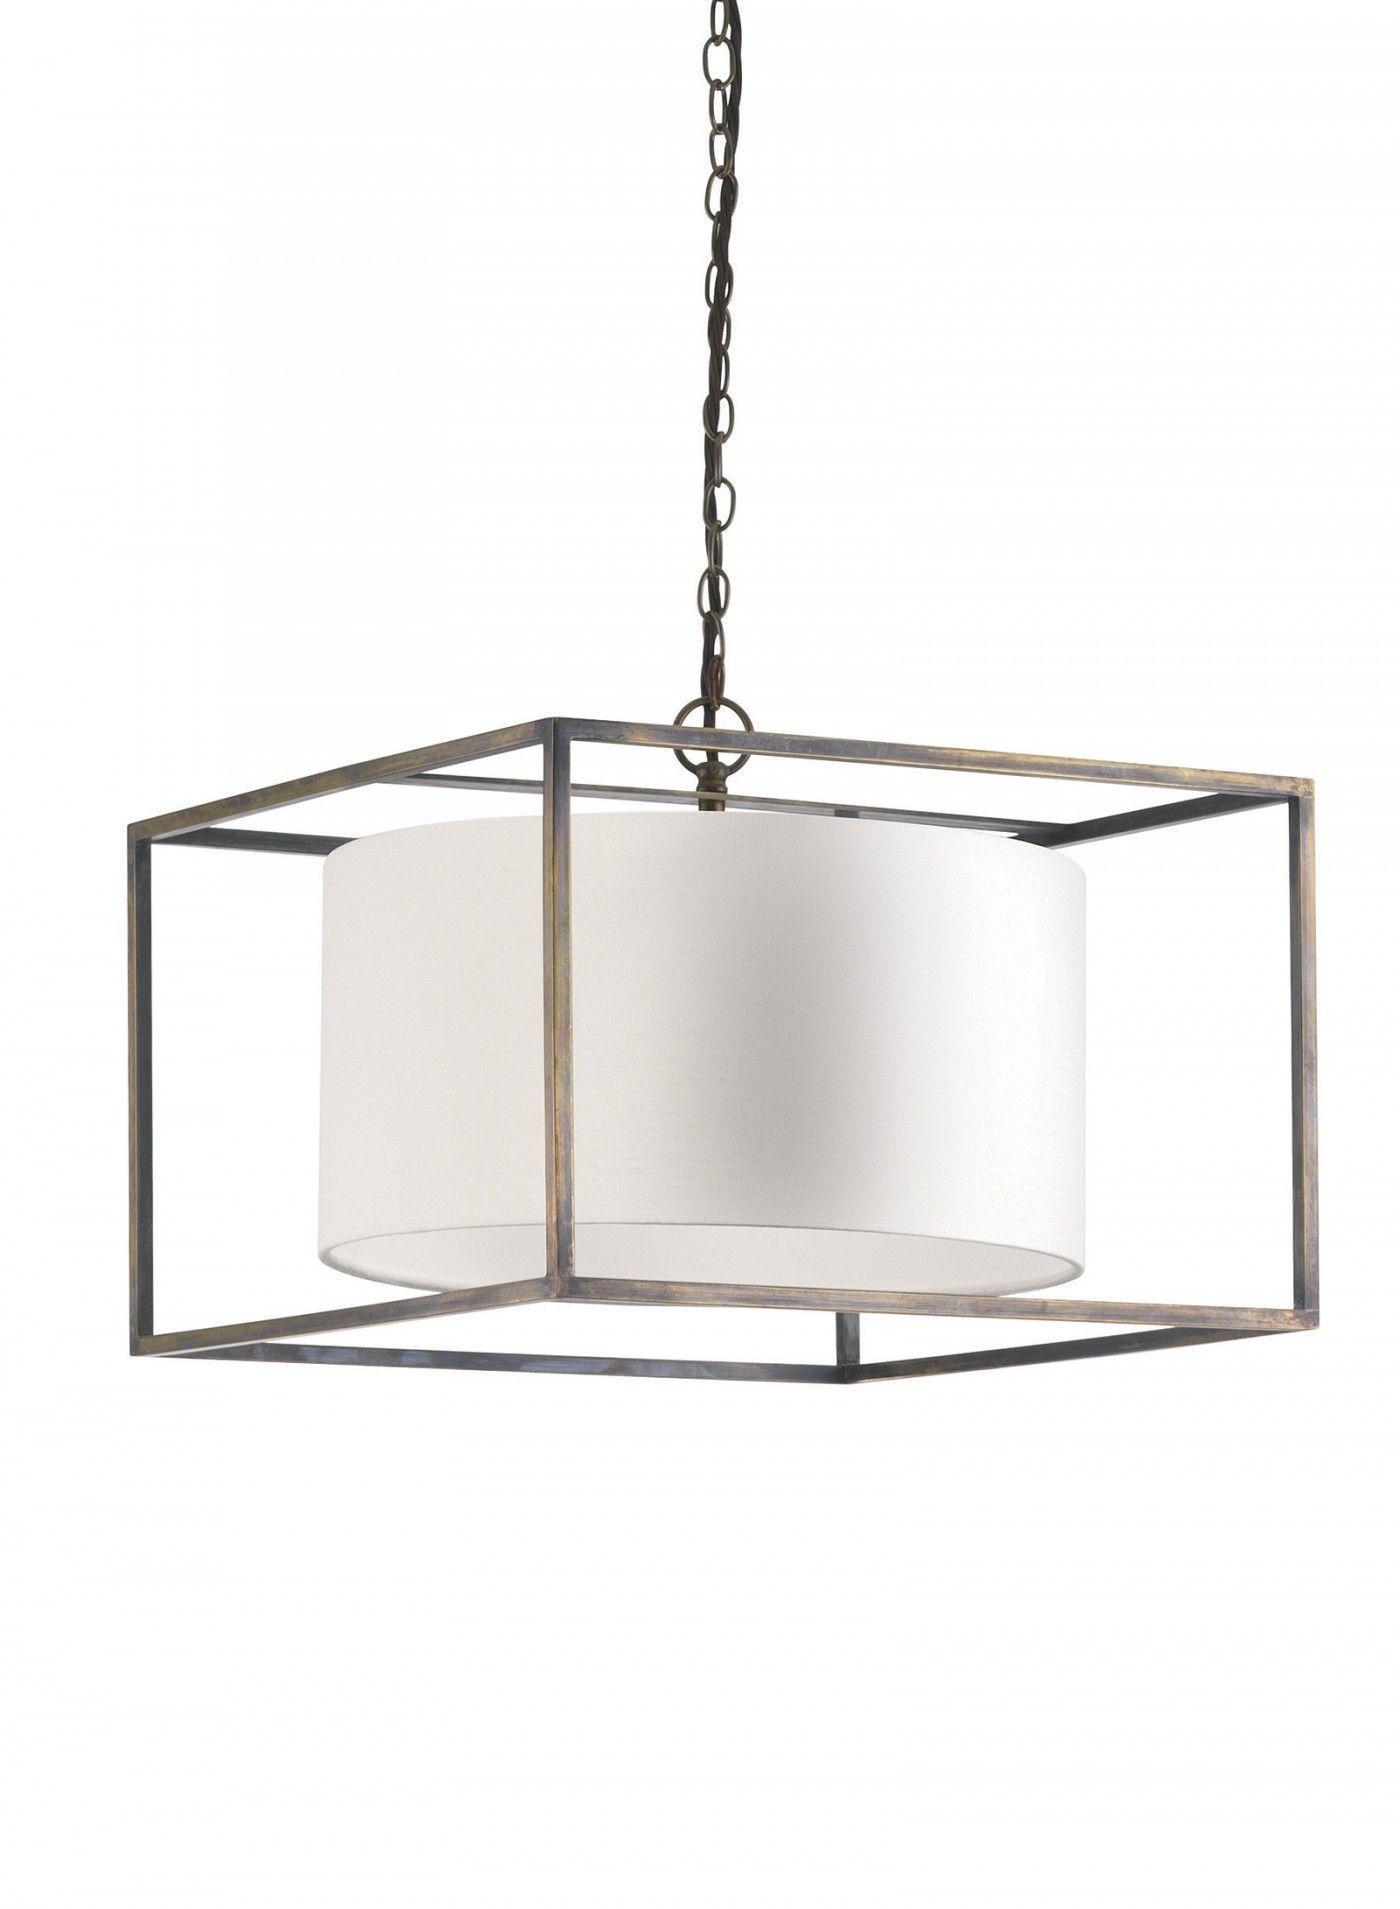 Derwent antique brass cube medium ceiling light heathfield co derwent antique brass cube medium ceiling light heathfield co desk area aloadofball Choice Image